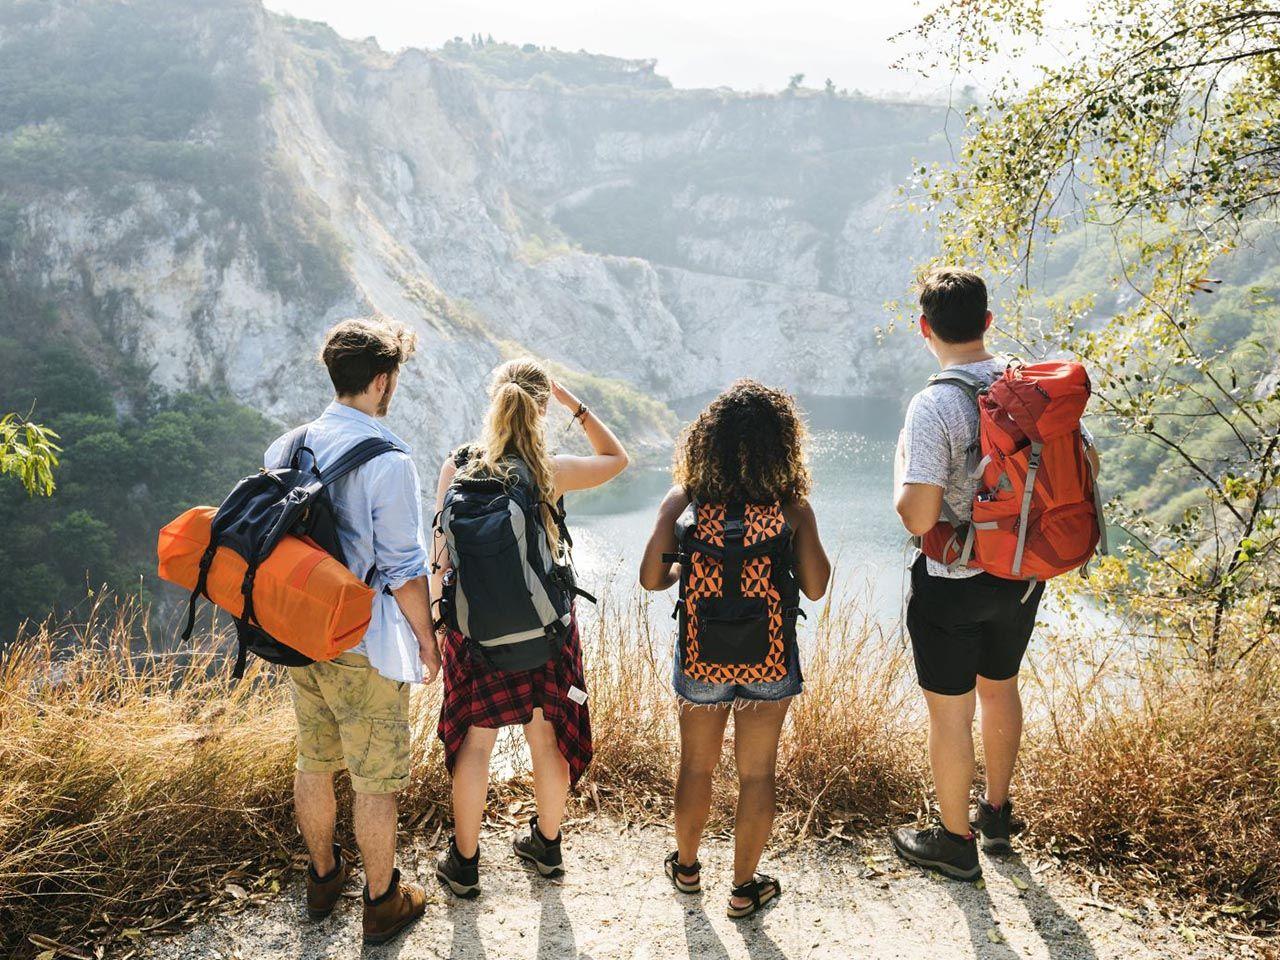 cb8f9650ac39e Jeżeli planujesz wyjazd w góry, z pewnością przyda ci się plecak. To  najwygodniejszy sposób na przenoszenie podstawowych akcesoriów. Jaki plecak  turystyczny ...